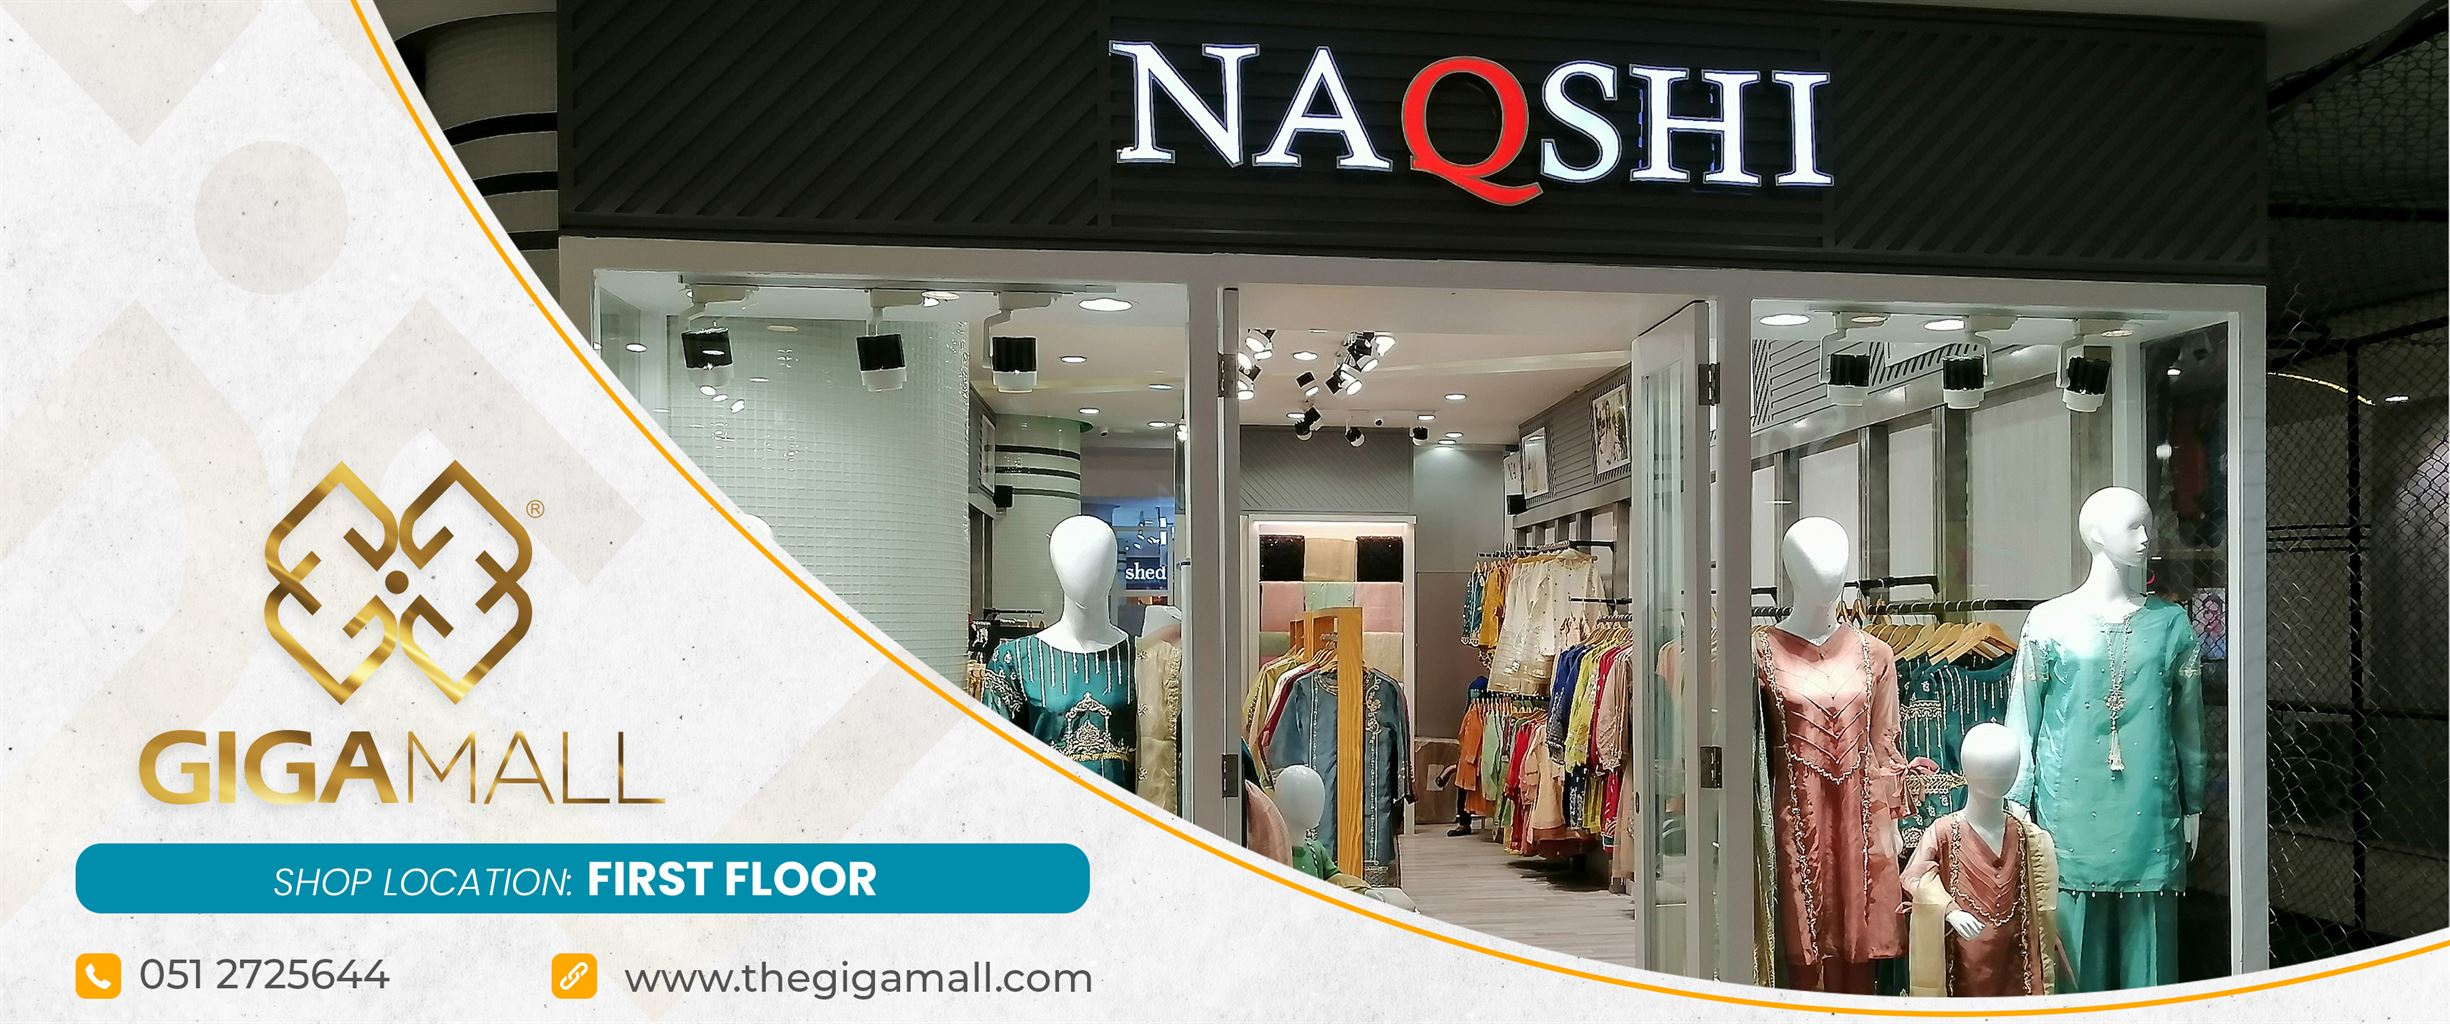 Naqshi